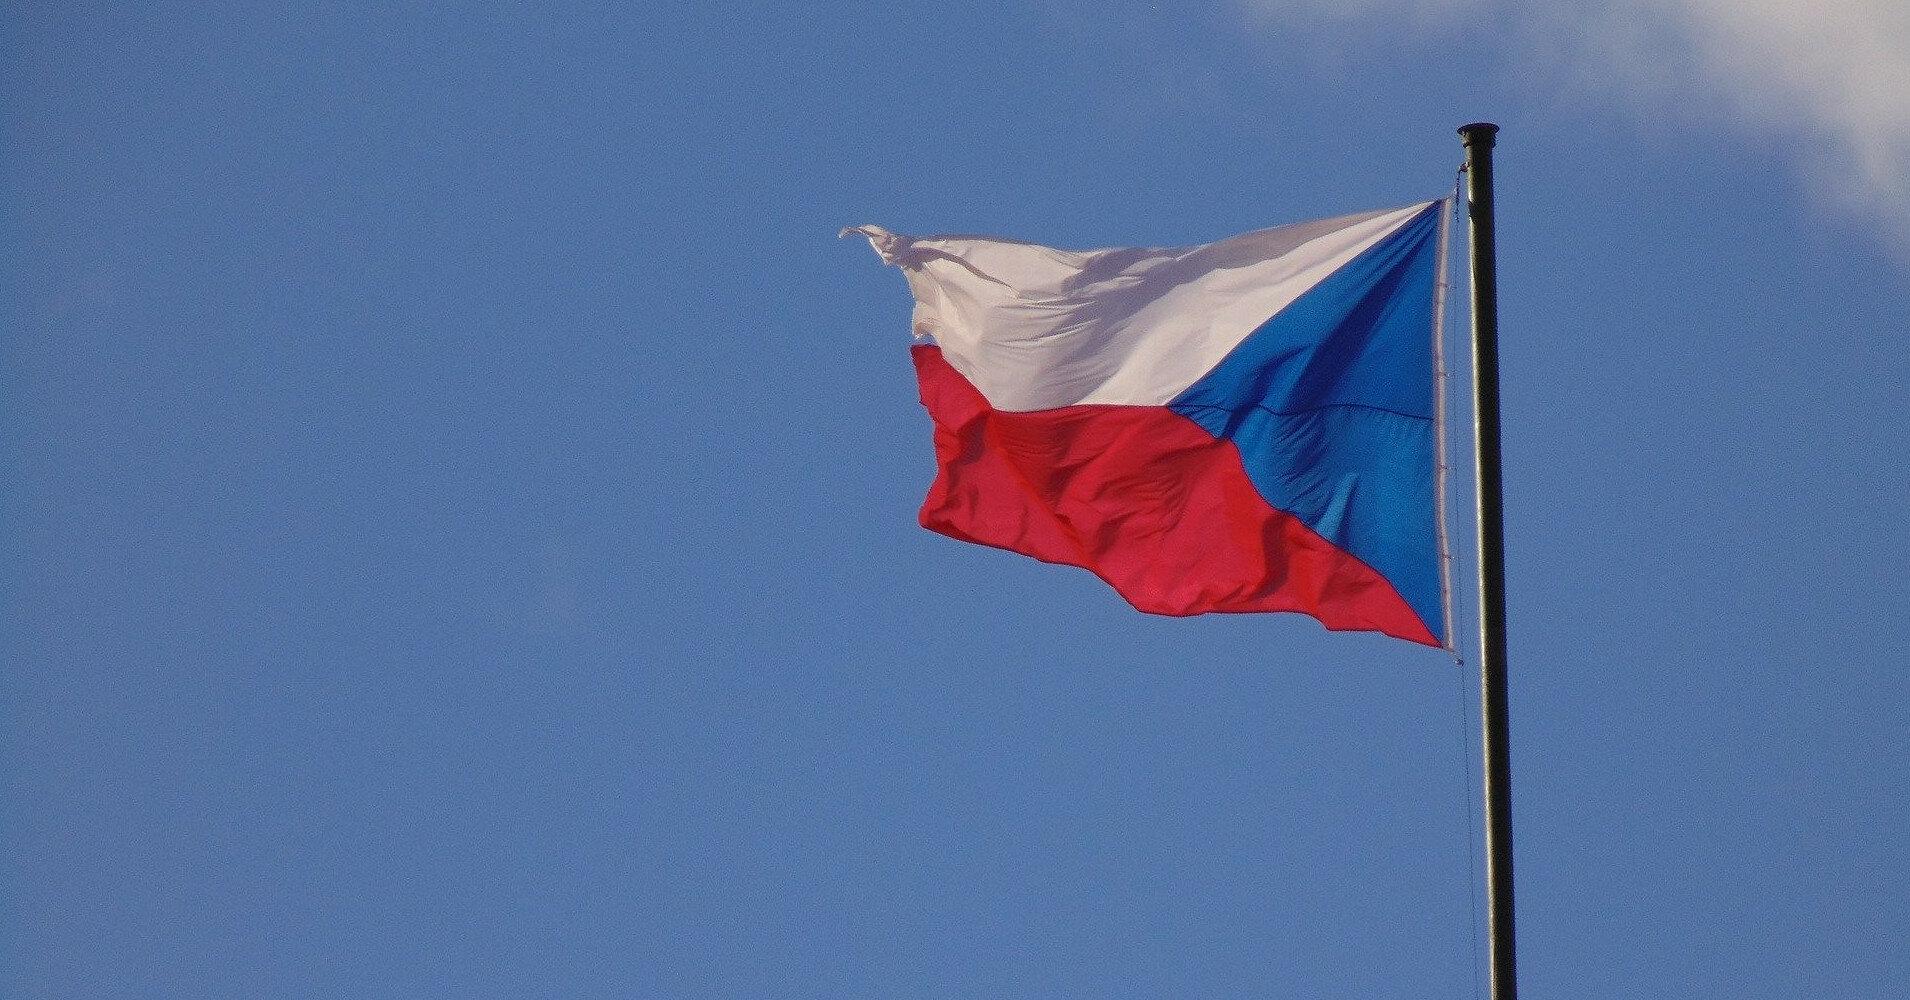 Заробитчан зовут в Чехию: кому заплатят 90 тыс. грн в месяц